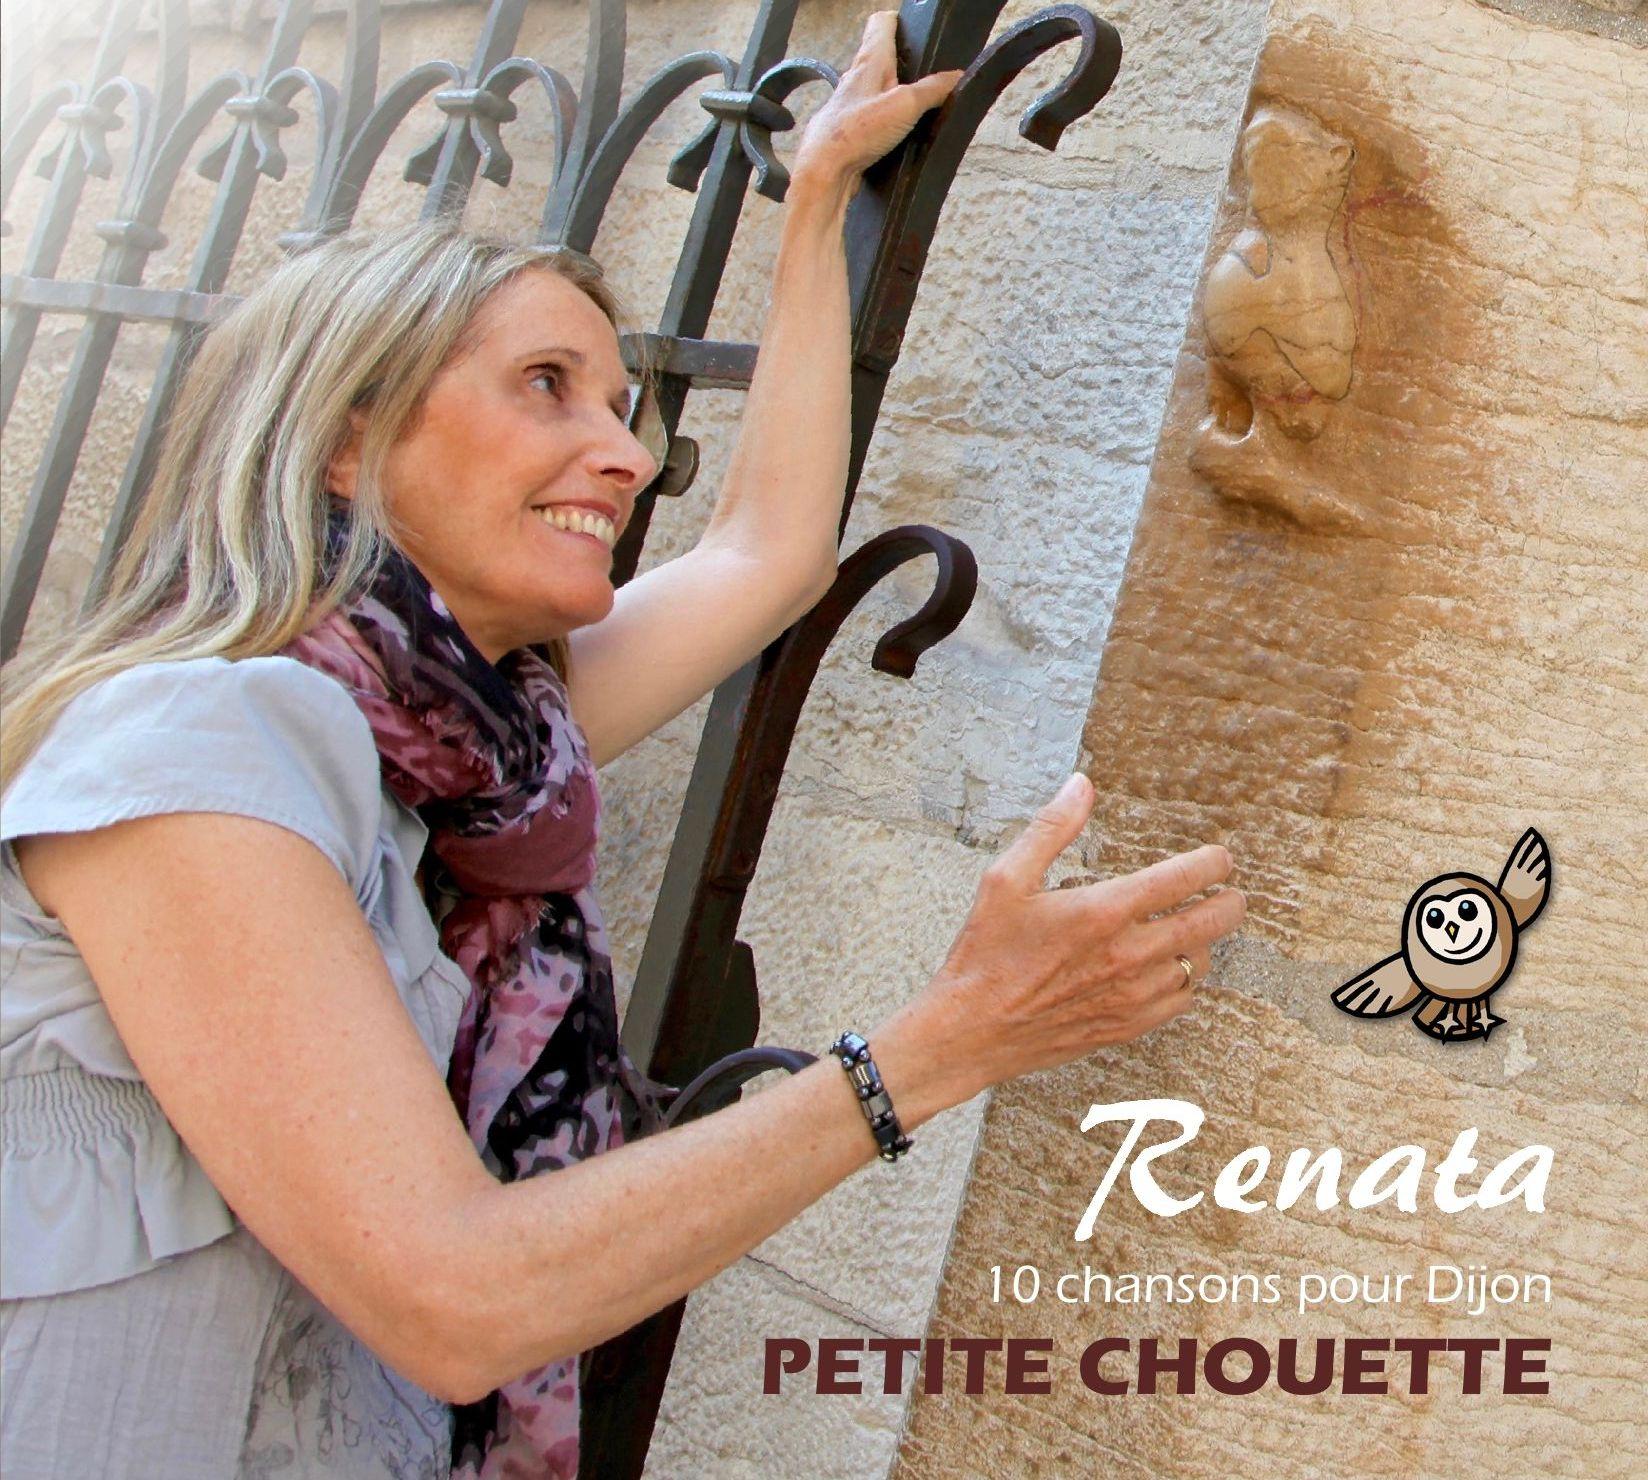 Visuel album 'Petite chouette'.jpg